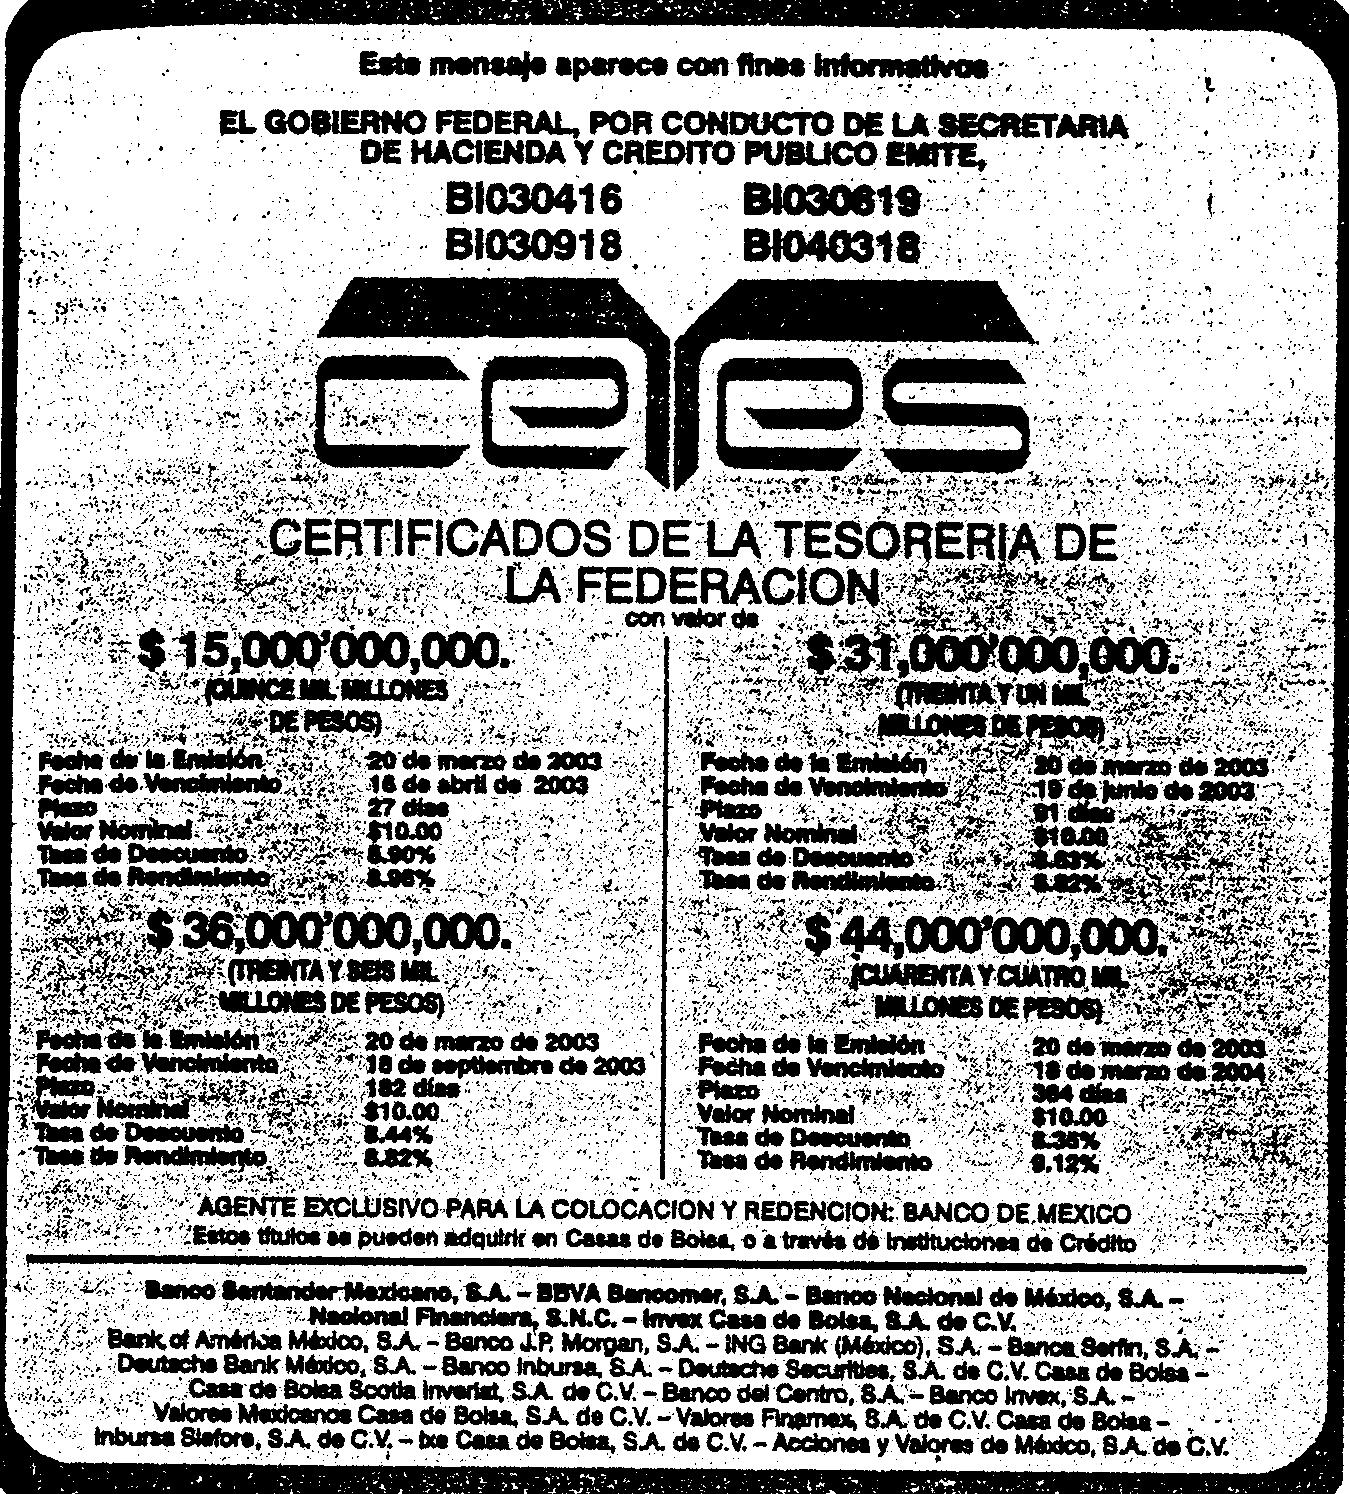 'Certificado de la Tesorería de la Federación'